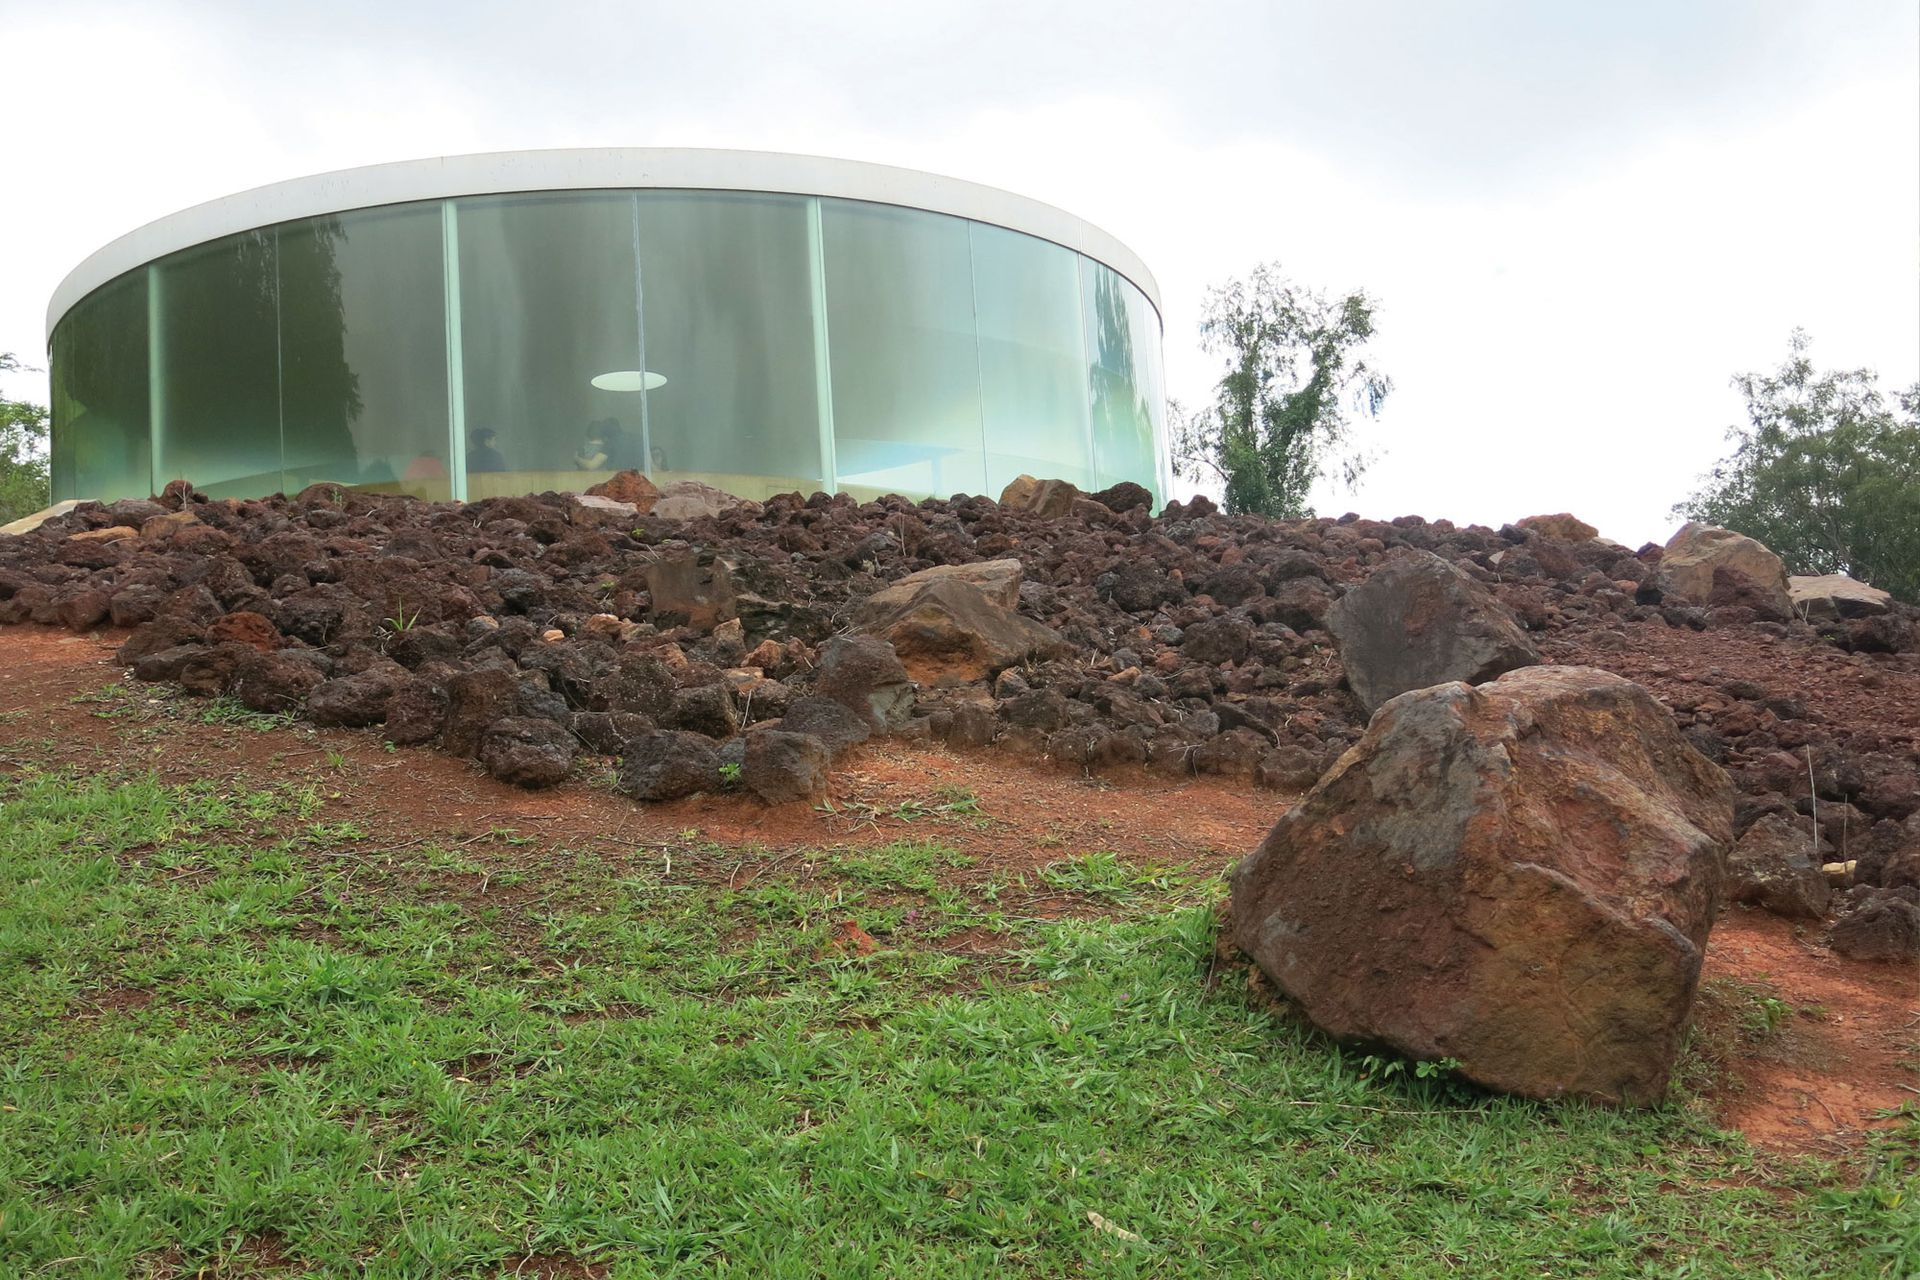 Galería de Doug Aitken, Viaje al Centro de la Tierra, Sonic Pavilion. Aquí se escuchan los cantos de la Madre Tierra a través de micrófonos instalados a 200 m de profundidad.